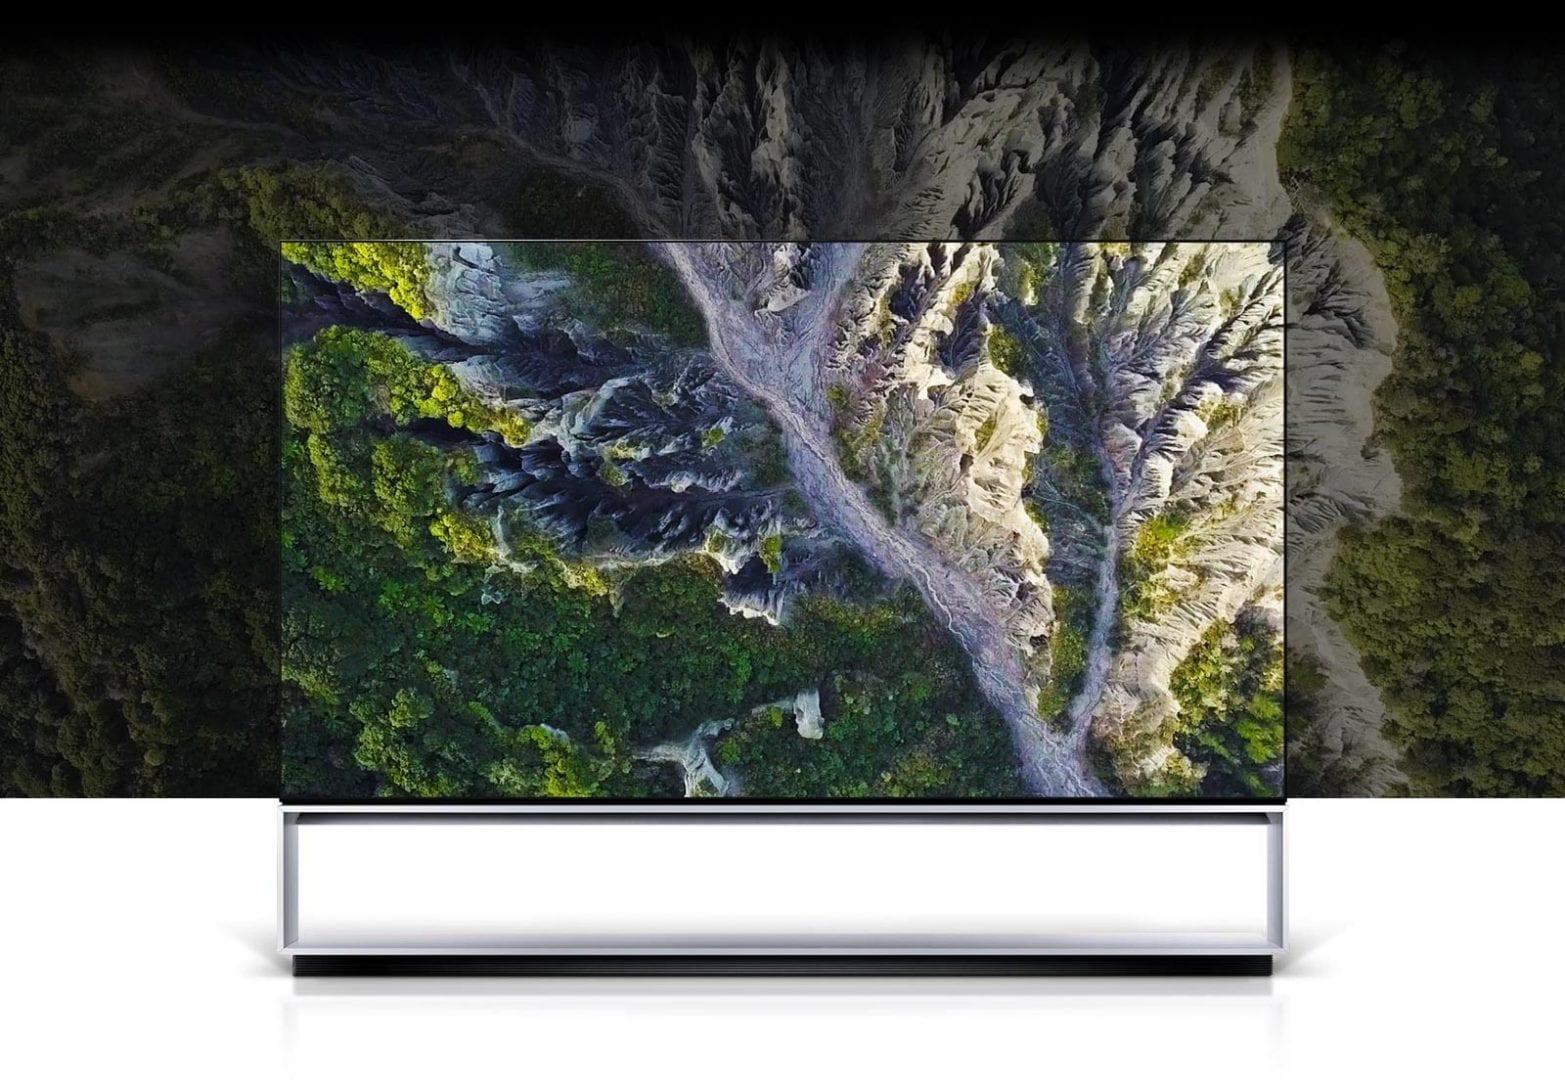 Το επίσημο 8K Ultra HD logo και η αυγή της τηλεόρασης των 33 εκατομμυρίων active pixels